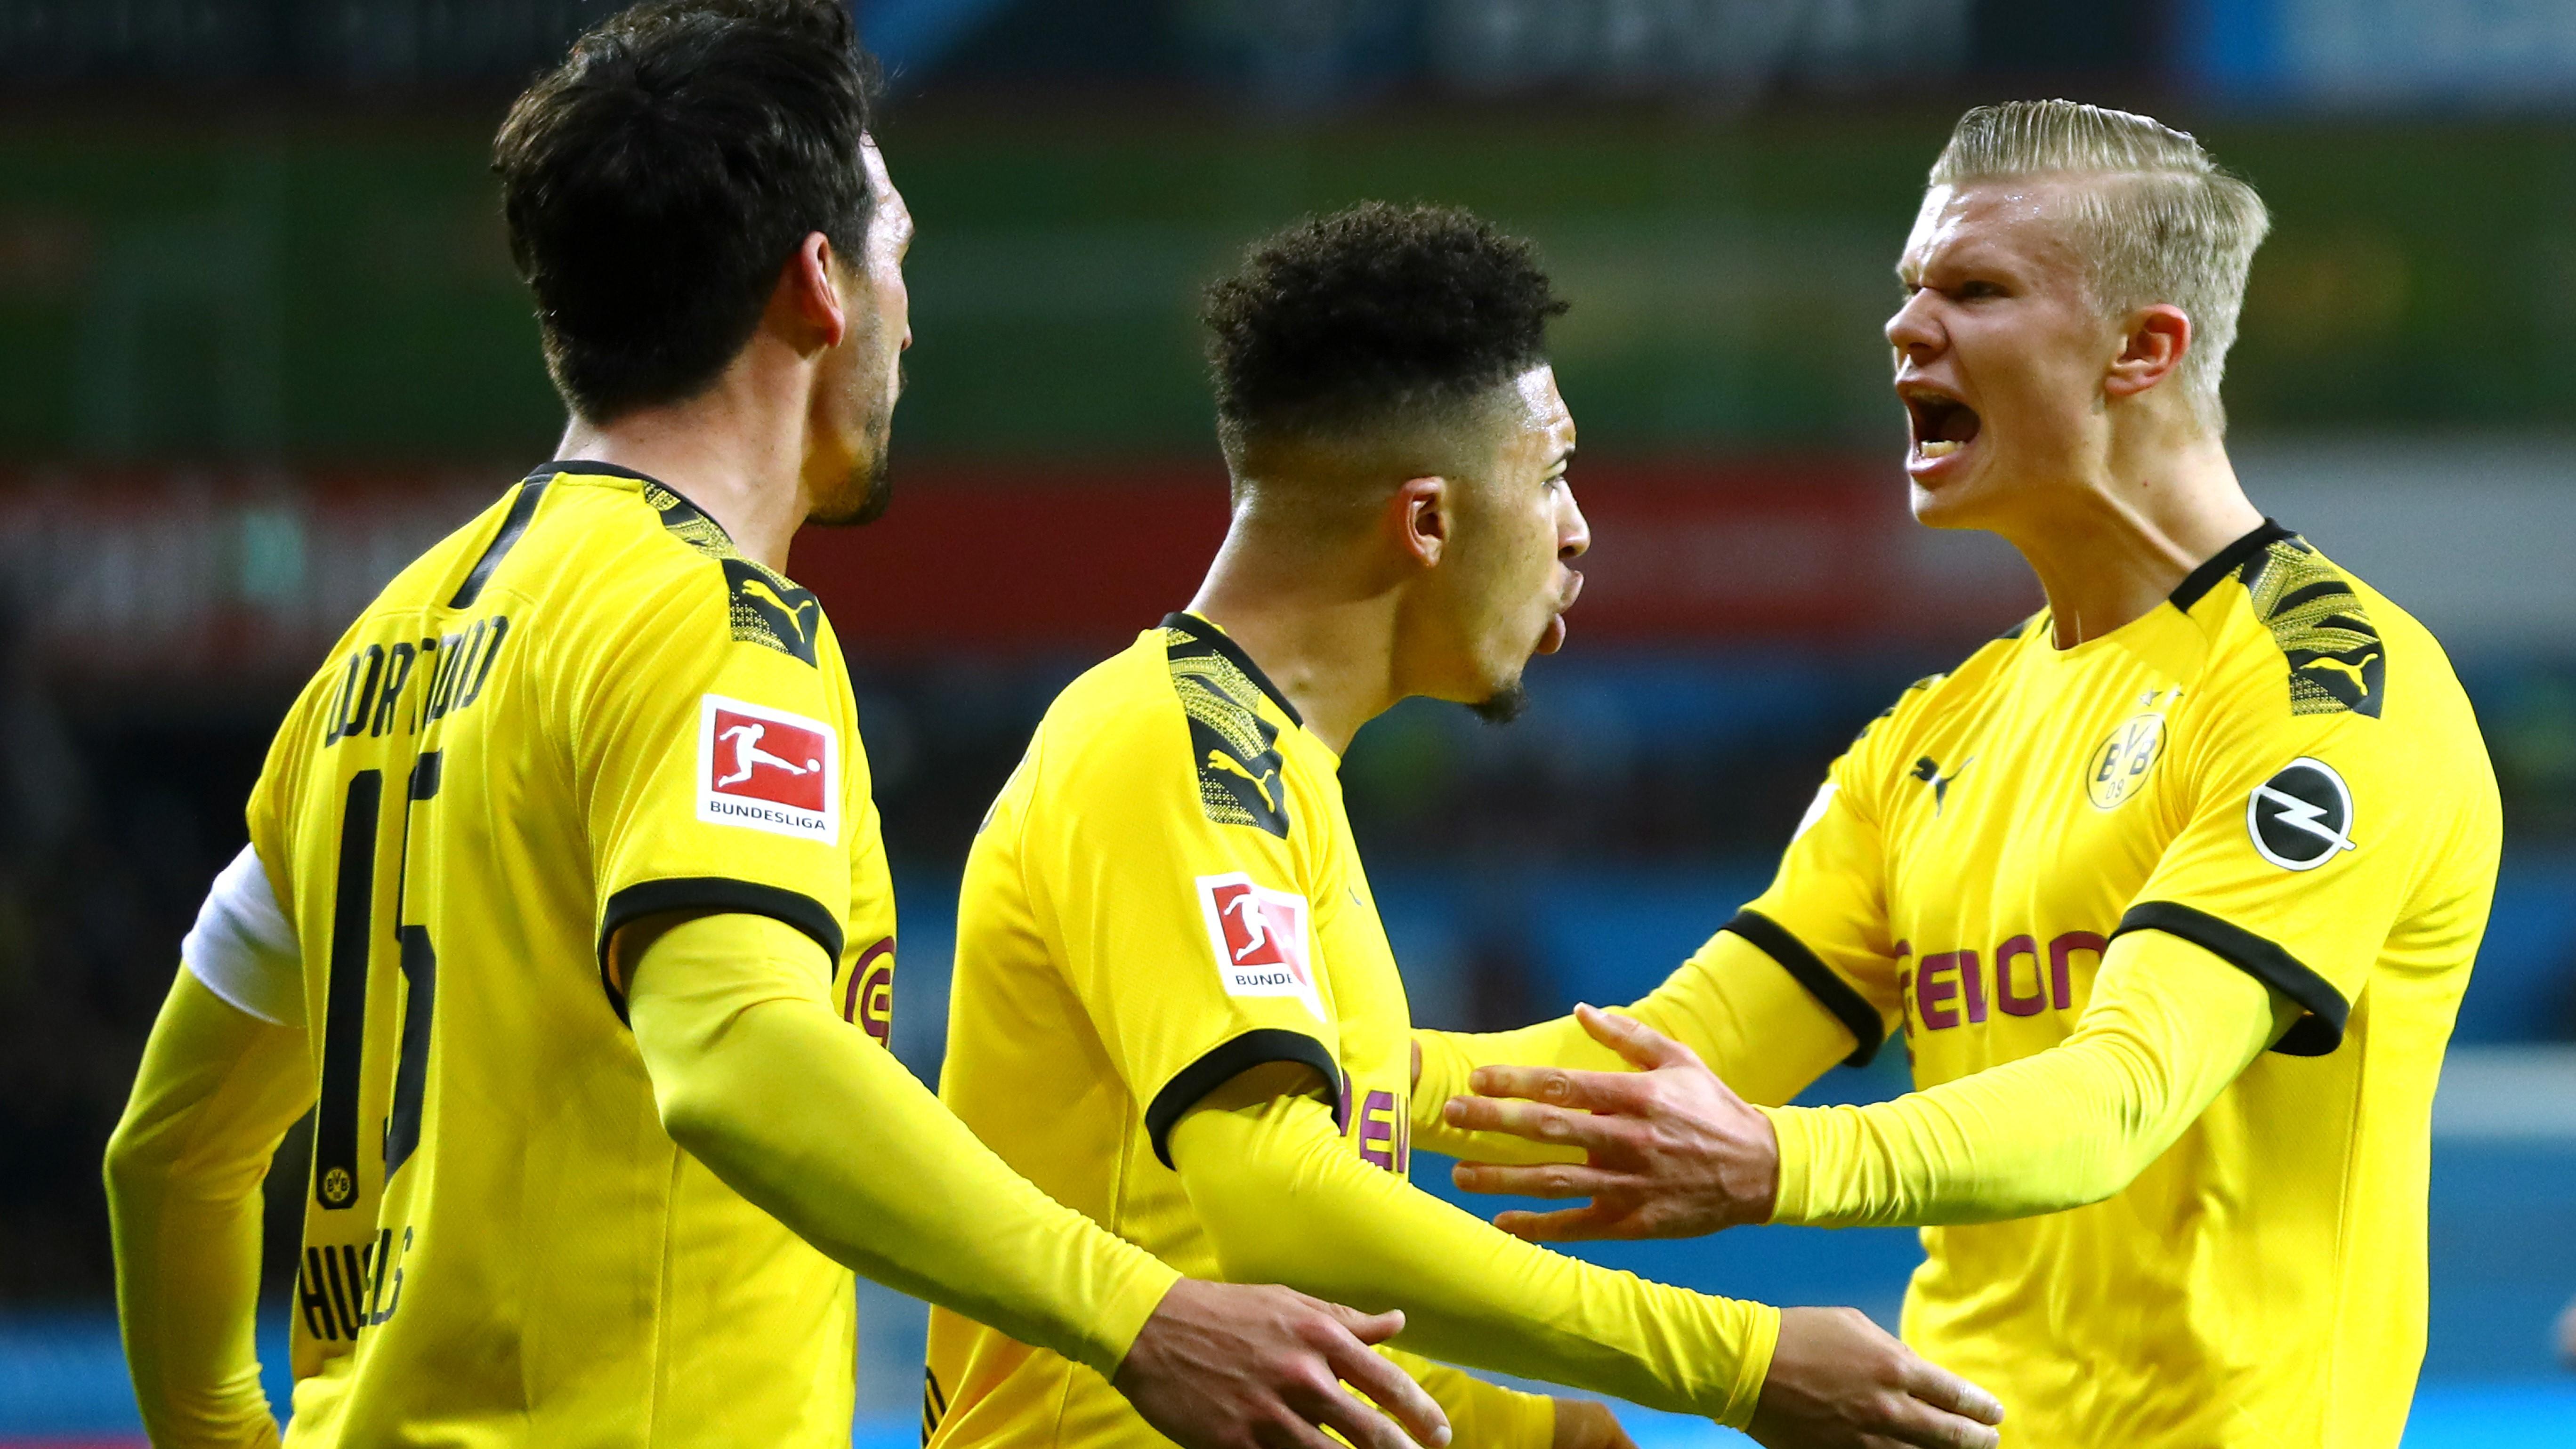 Dortmund Schalke Free Tv